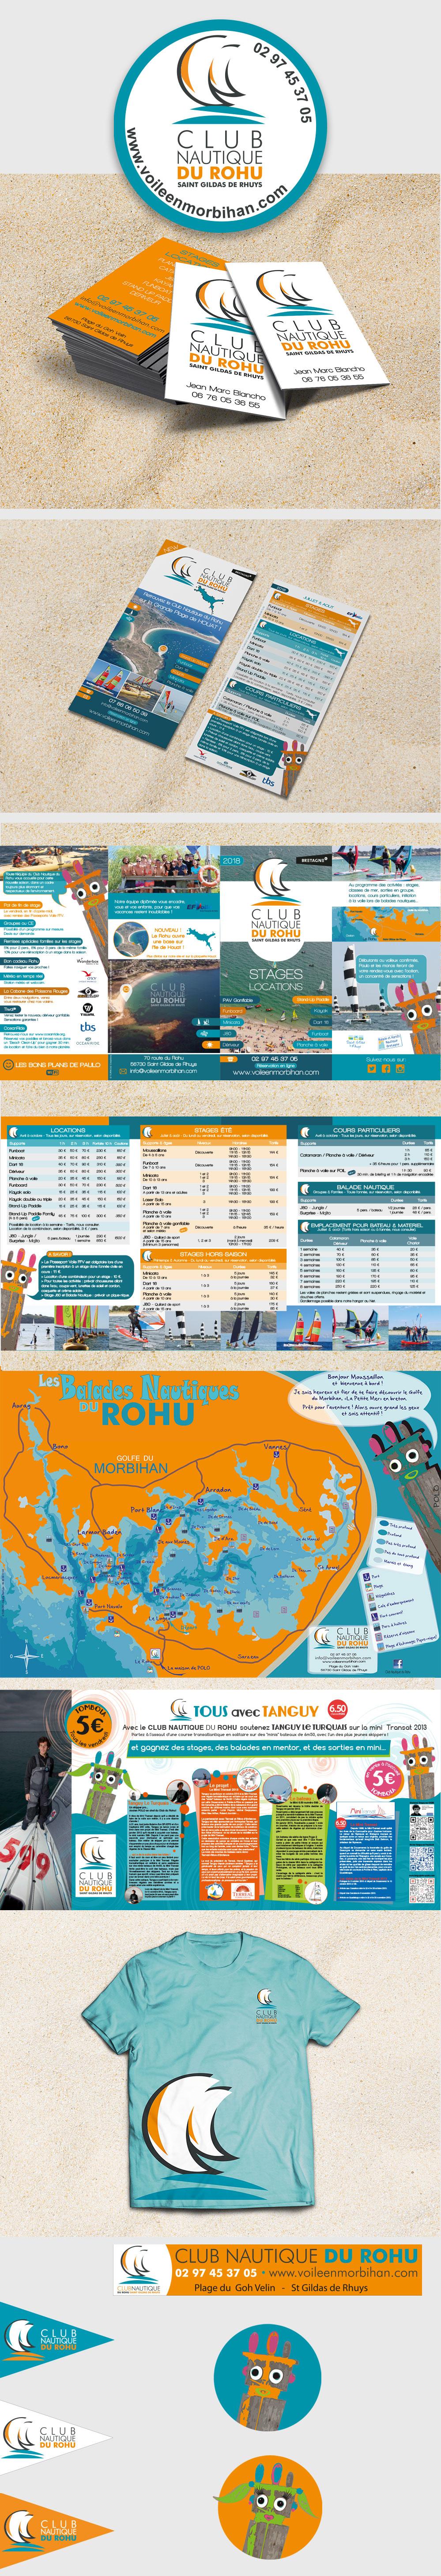 Création Graphique - Club Nautique du Rohu par Turkoiz Créations by Valérie Perrodo